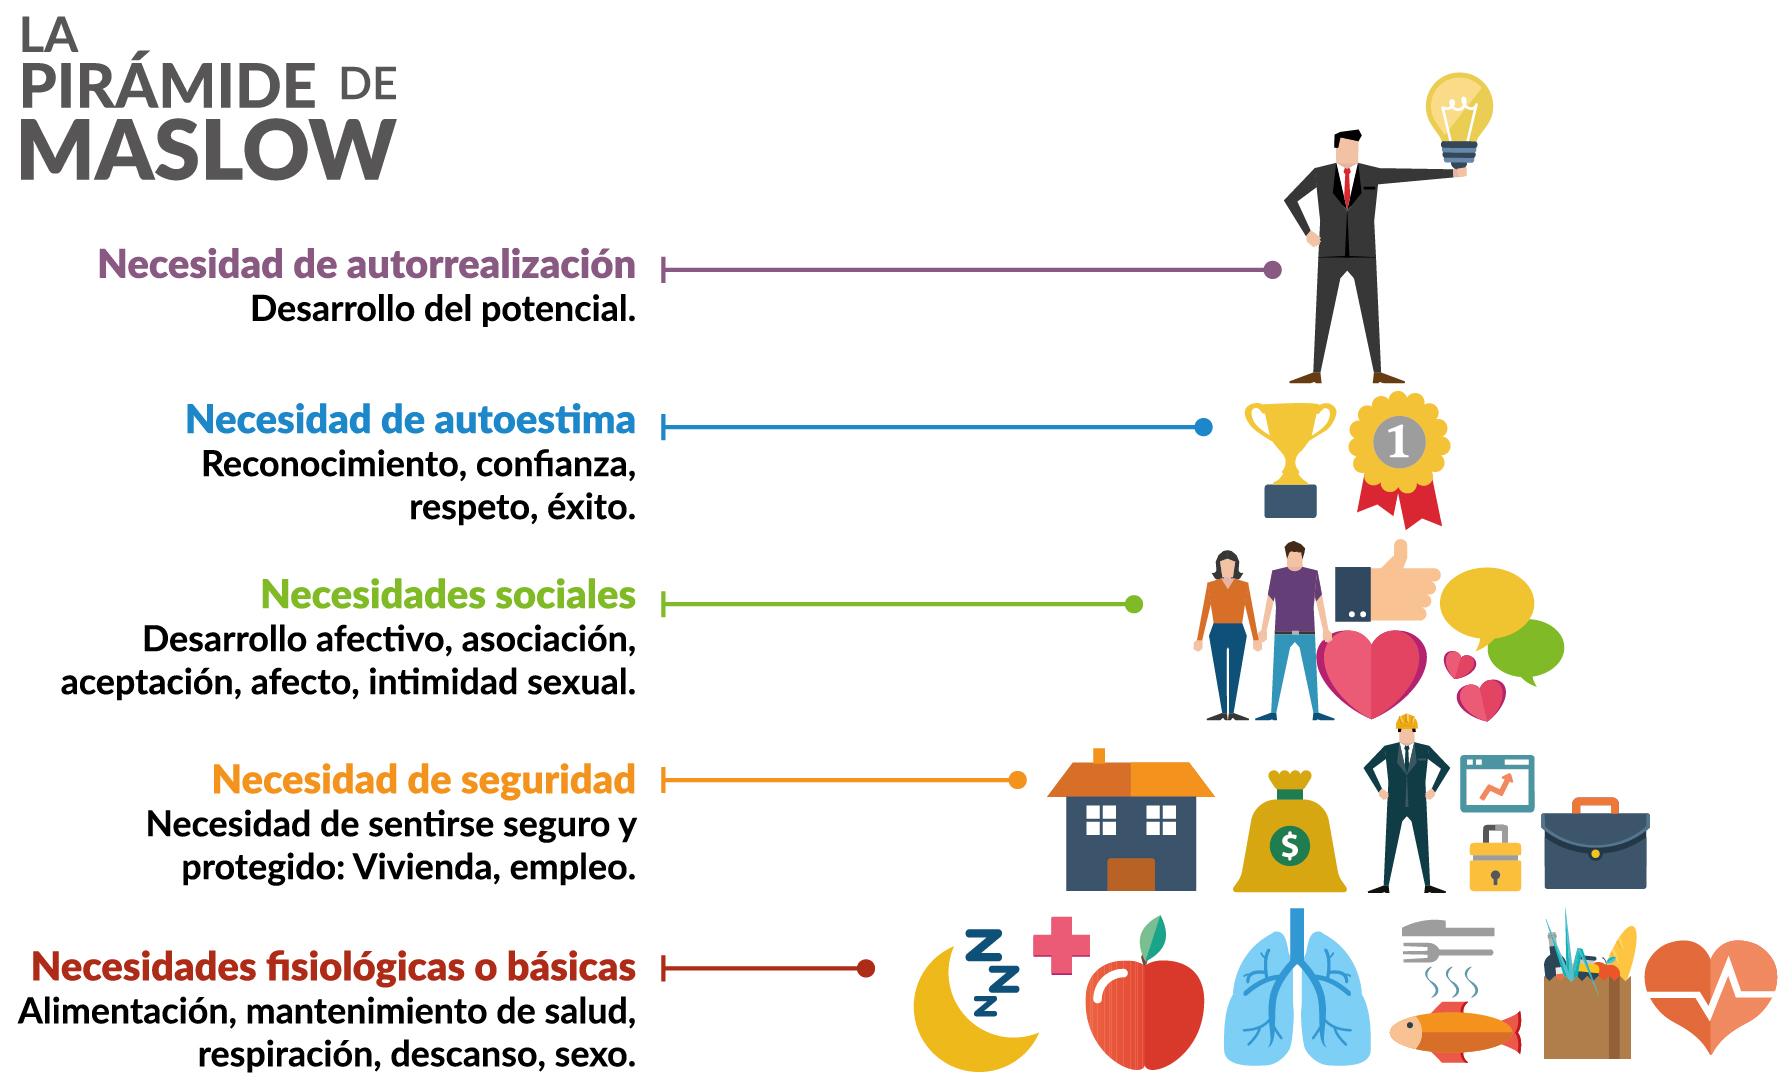 La Nueva Pirámide De Maslow El Cambio En Las Necesidades Básicas En El Siglo Xxi Y Su Influencia En El Lifestyle Actual David Tejo